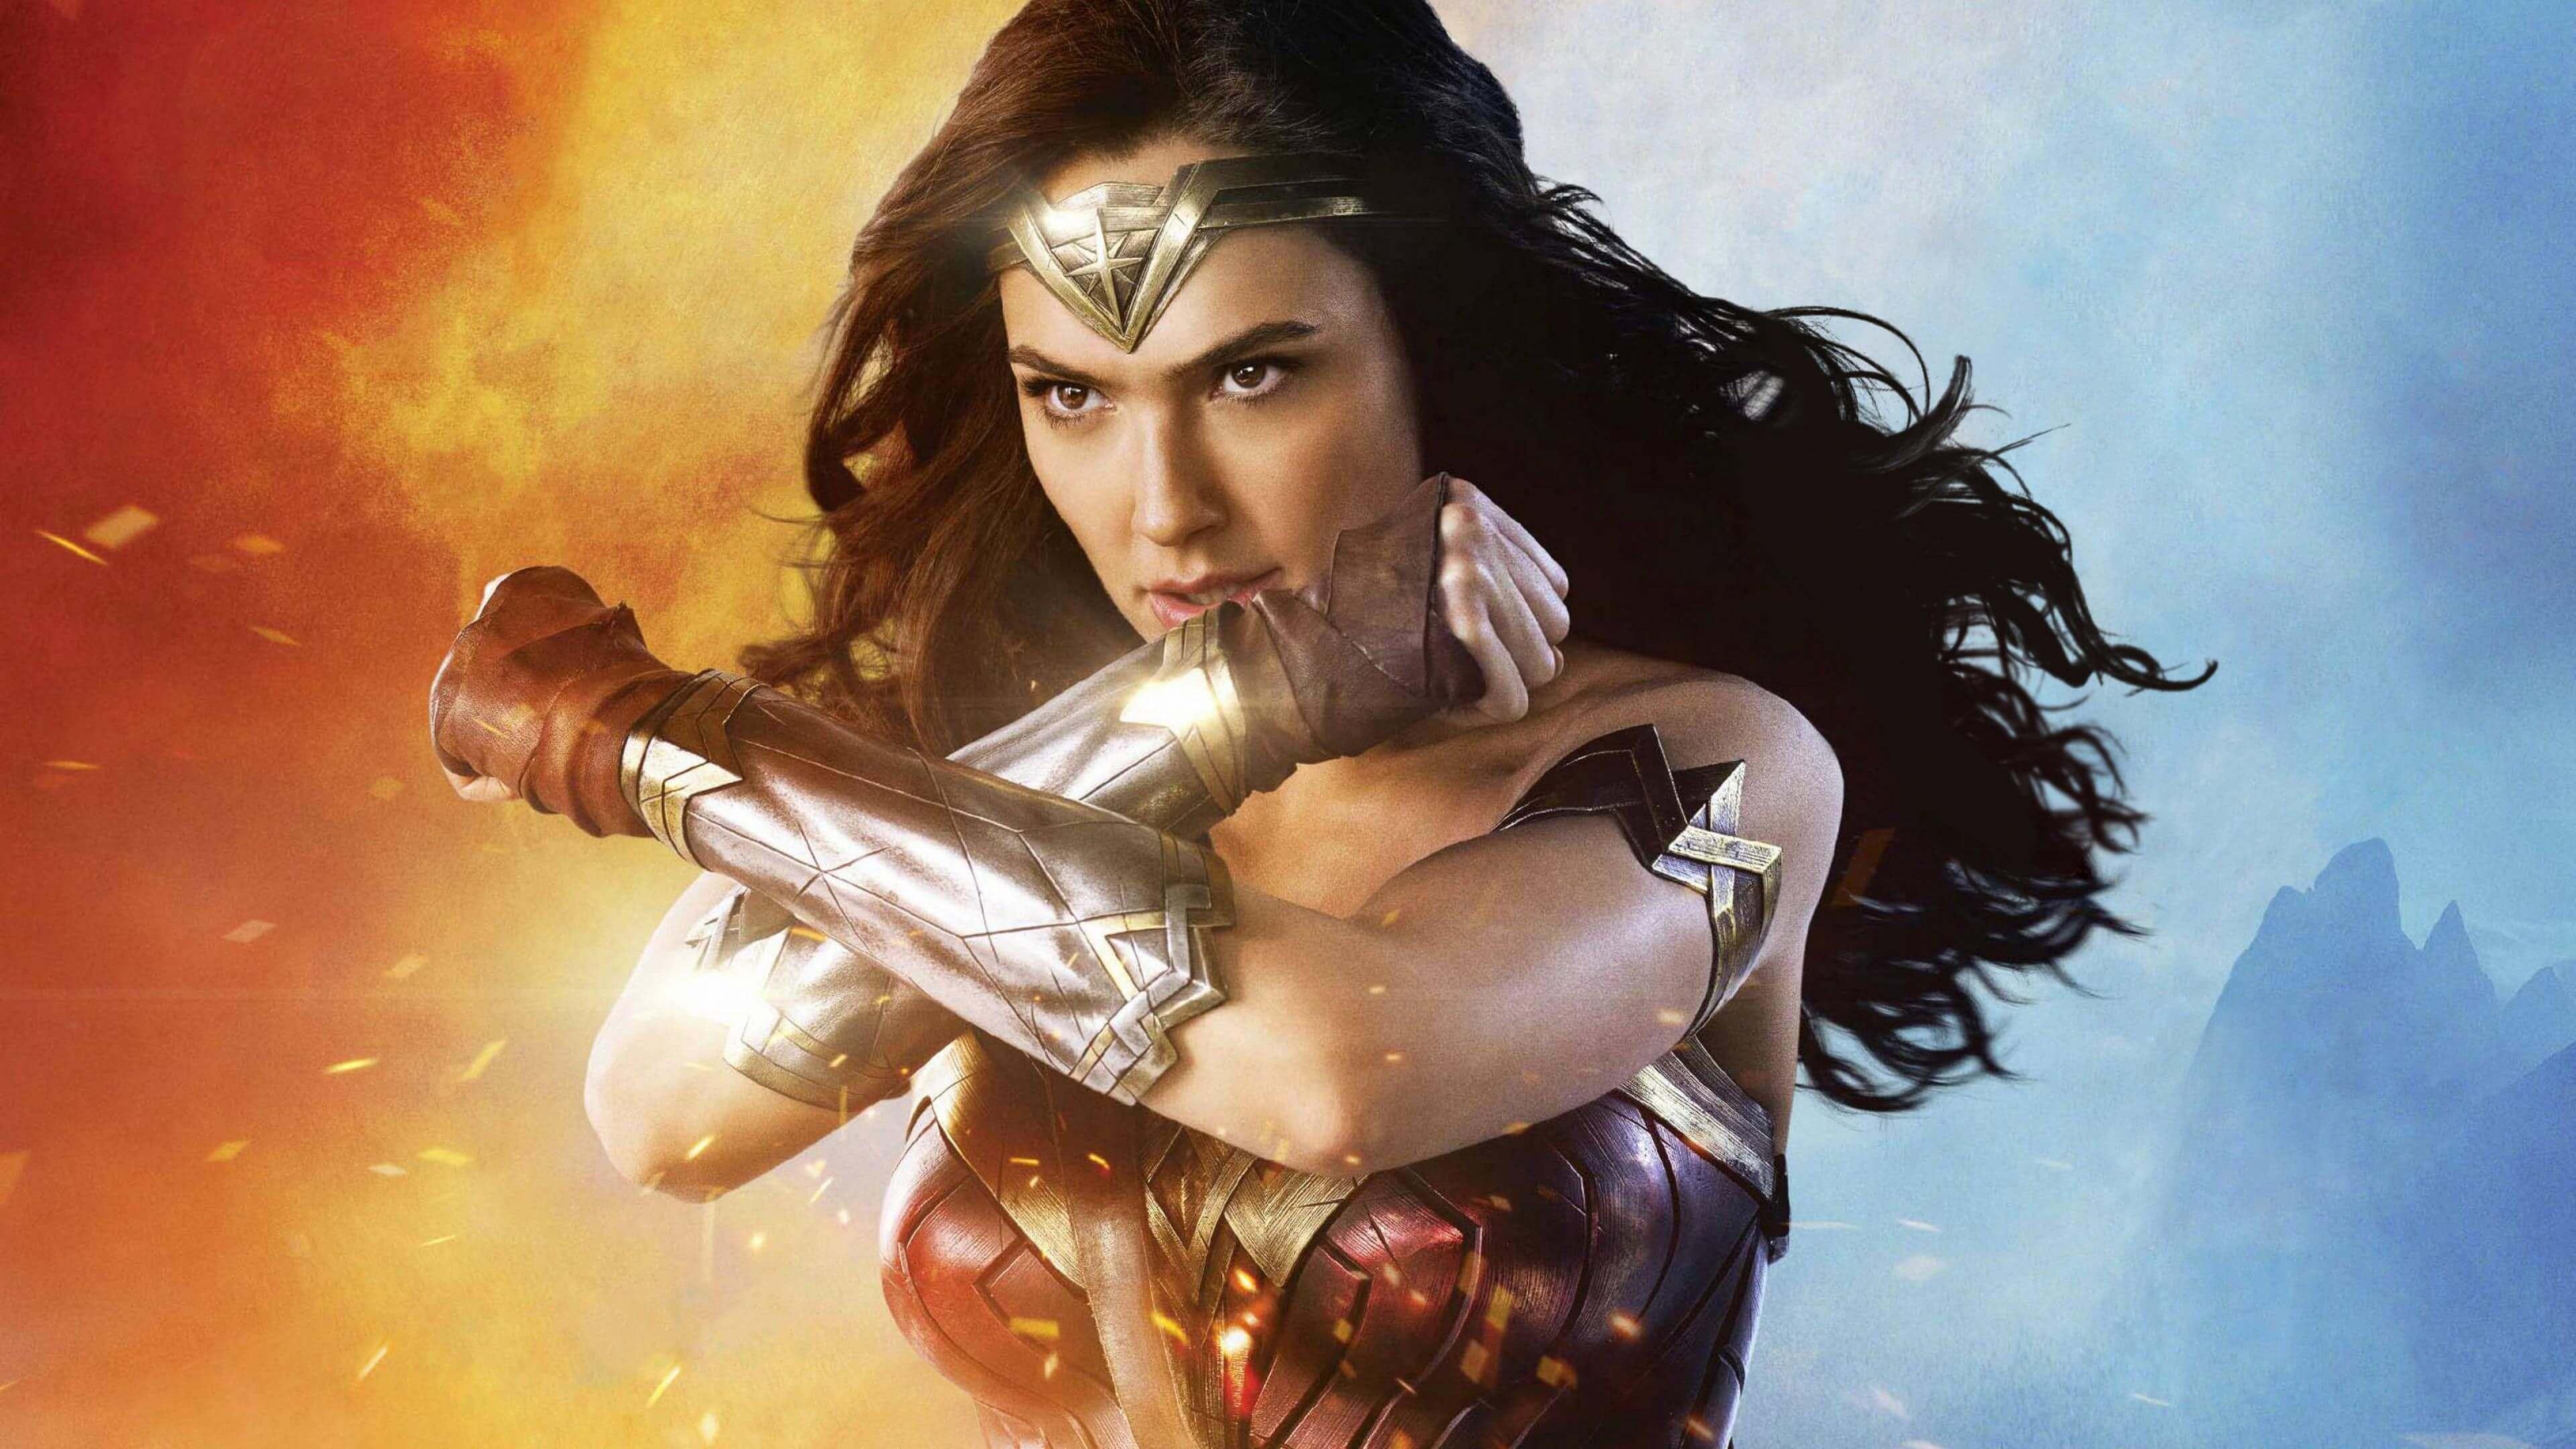 蓋兒加朵飾演的神力女超人,讓世人對這位漫畫女性超級英雄的銀幕印象大大改觀,這樣的選角結果你還滿意嗎?